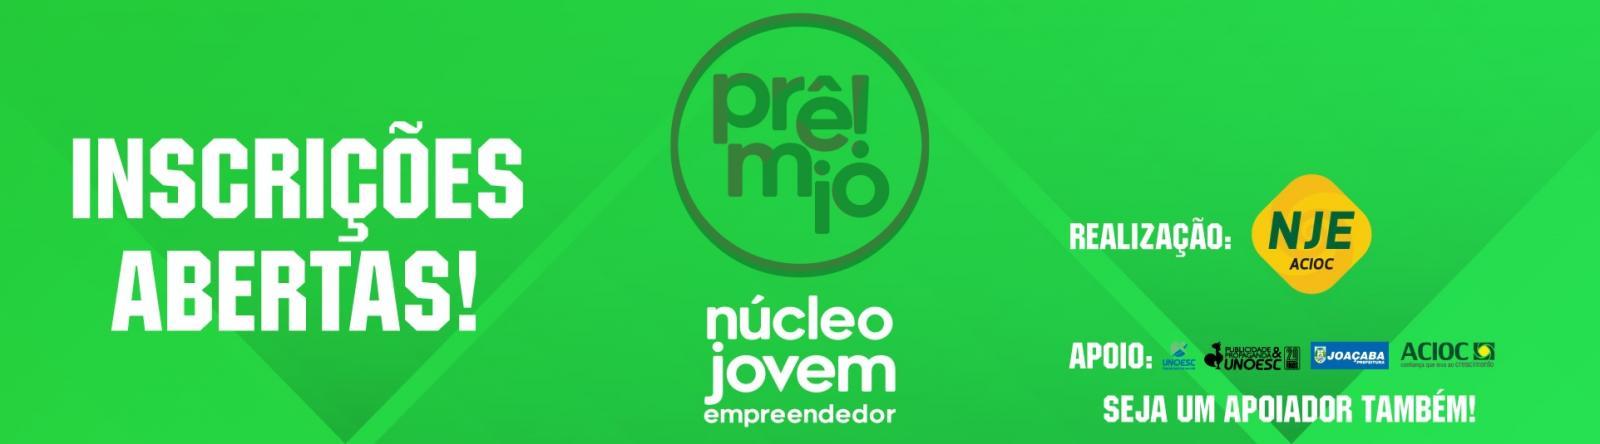 Estão abertas as inscrições para o Prêmio Núcleo Jovem Empreendedor